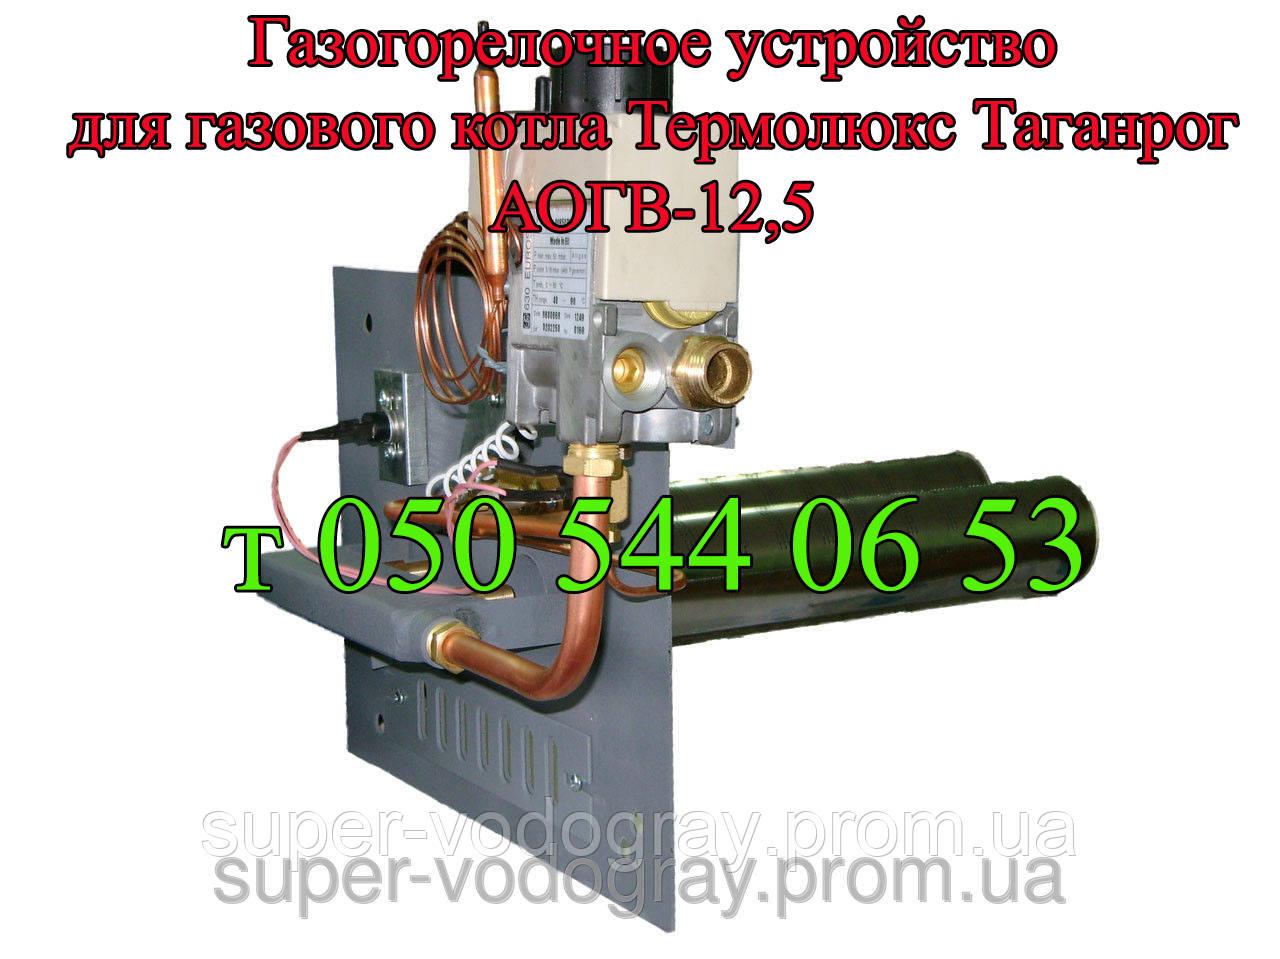 Схема термолюкса аогв 12 5